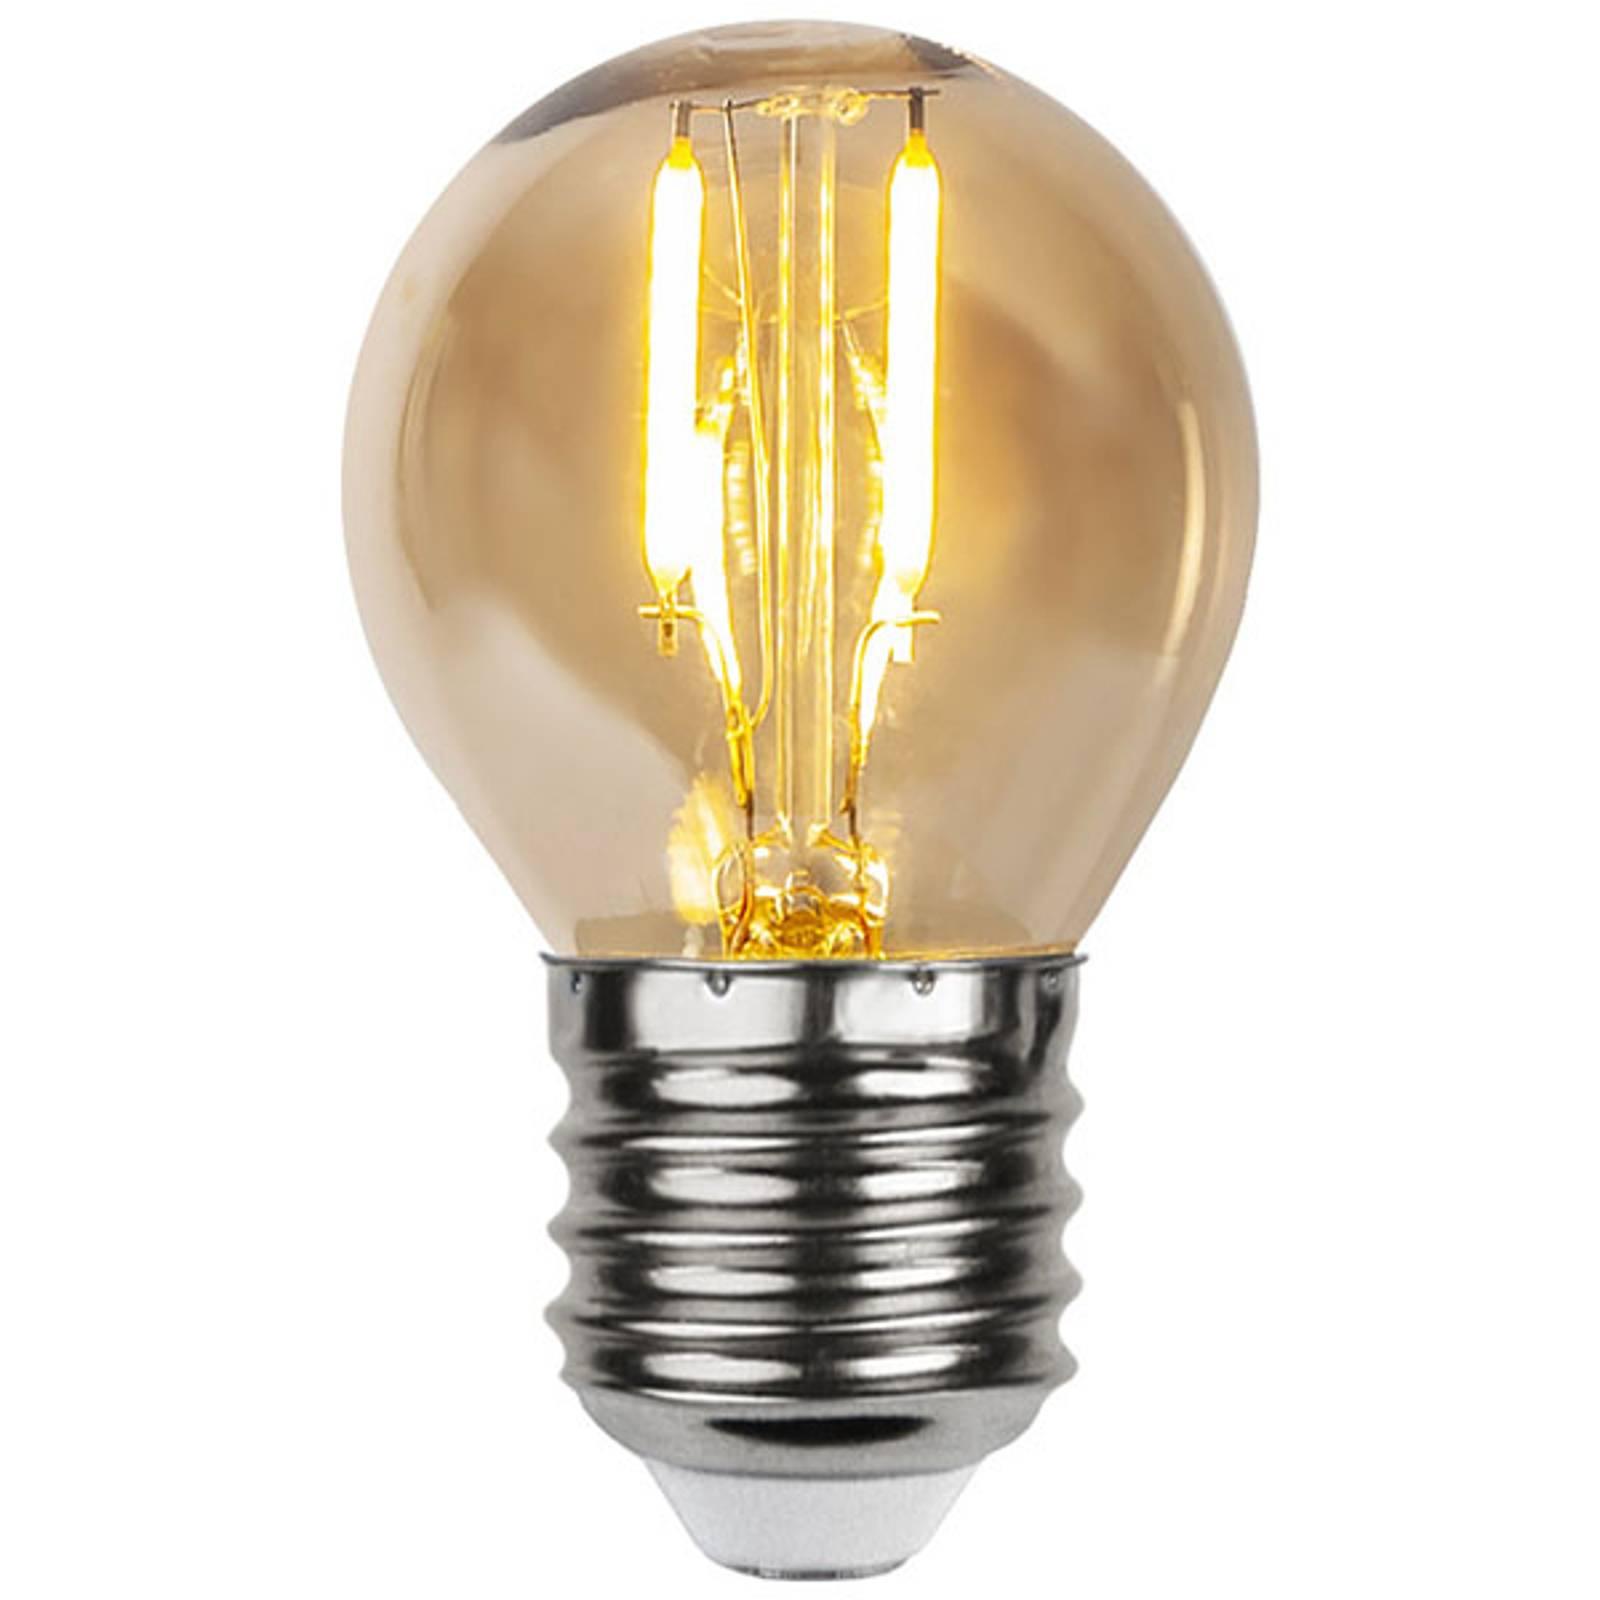 LED-lamppu E27 0,23W G45 filament 24V amber 4 kpl